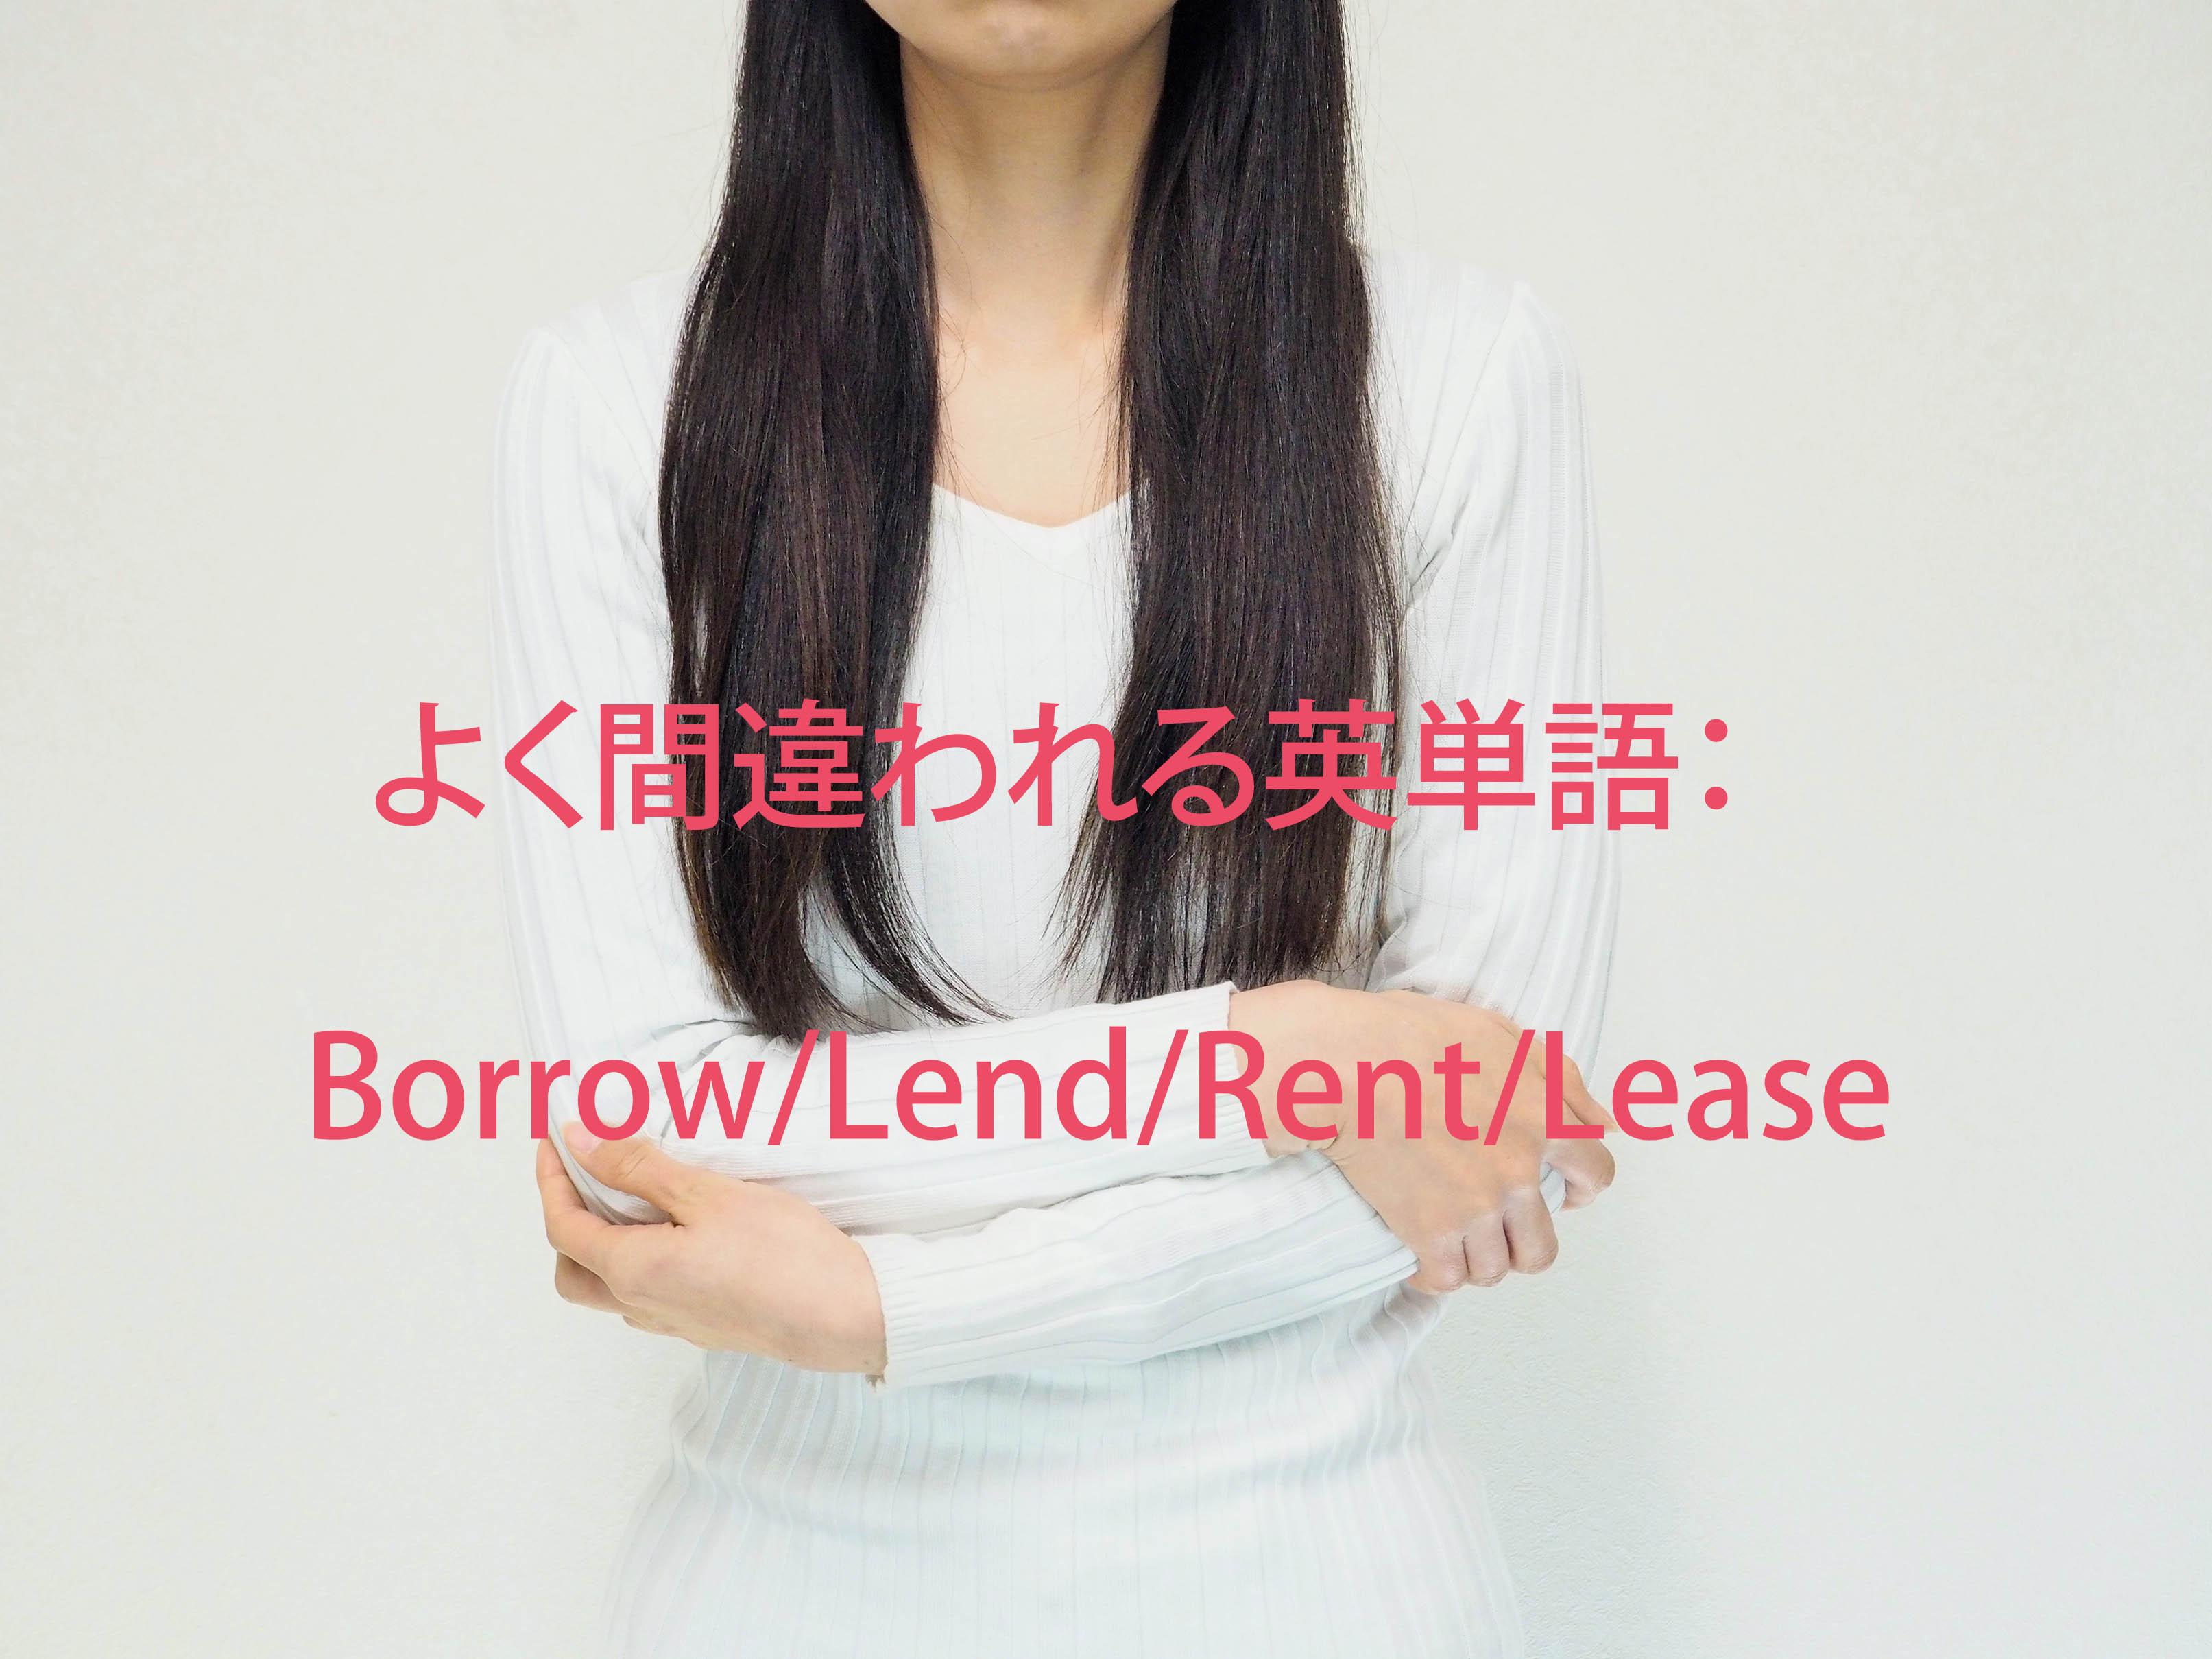 よく間違われる英単語: Borrow/Lend/Rent/Lease